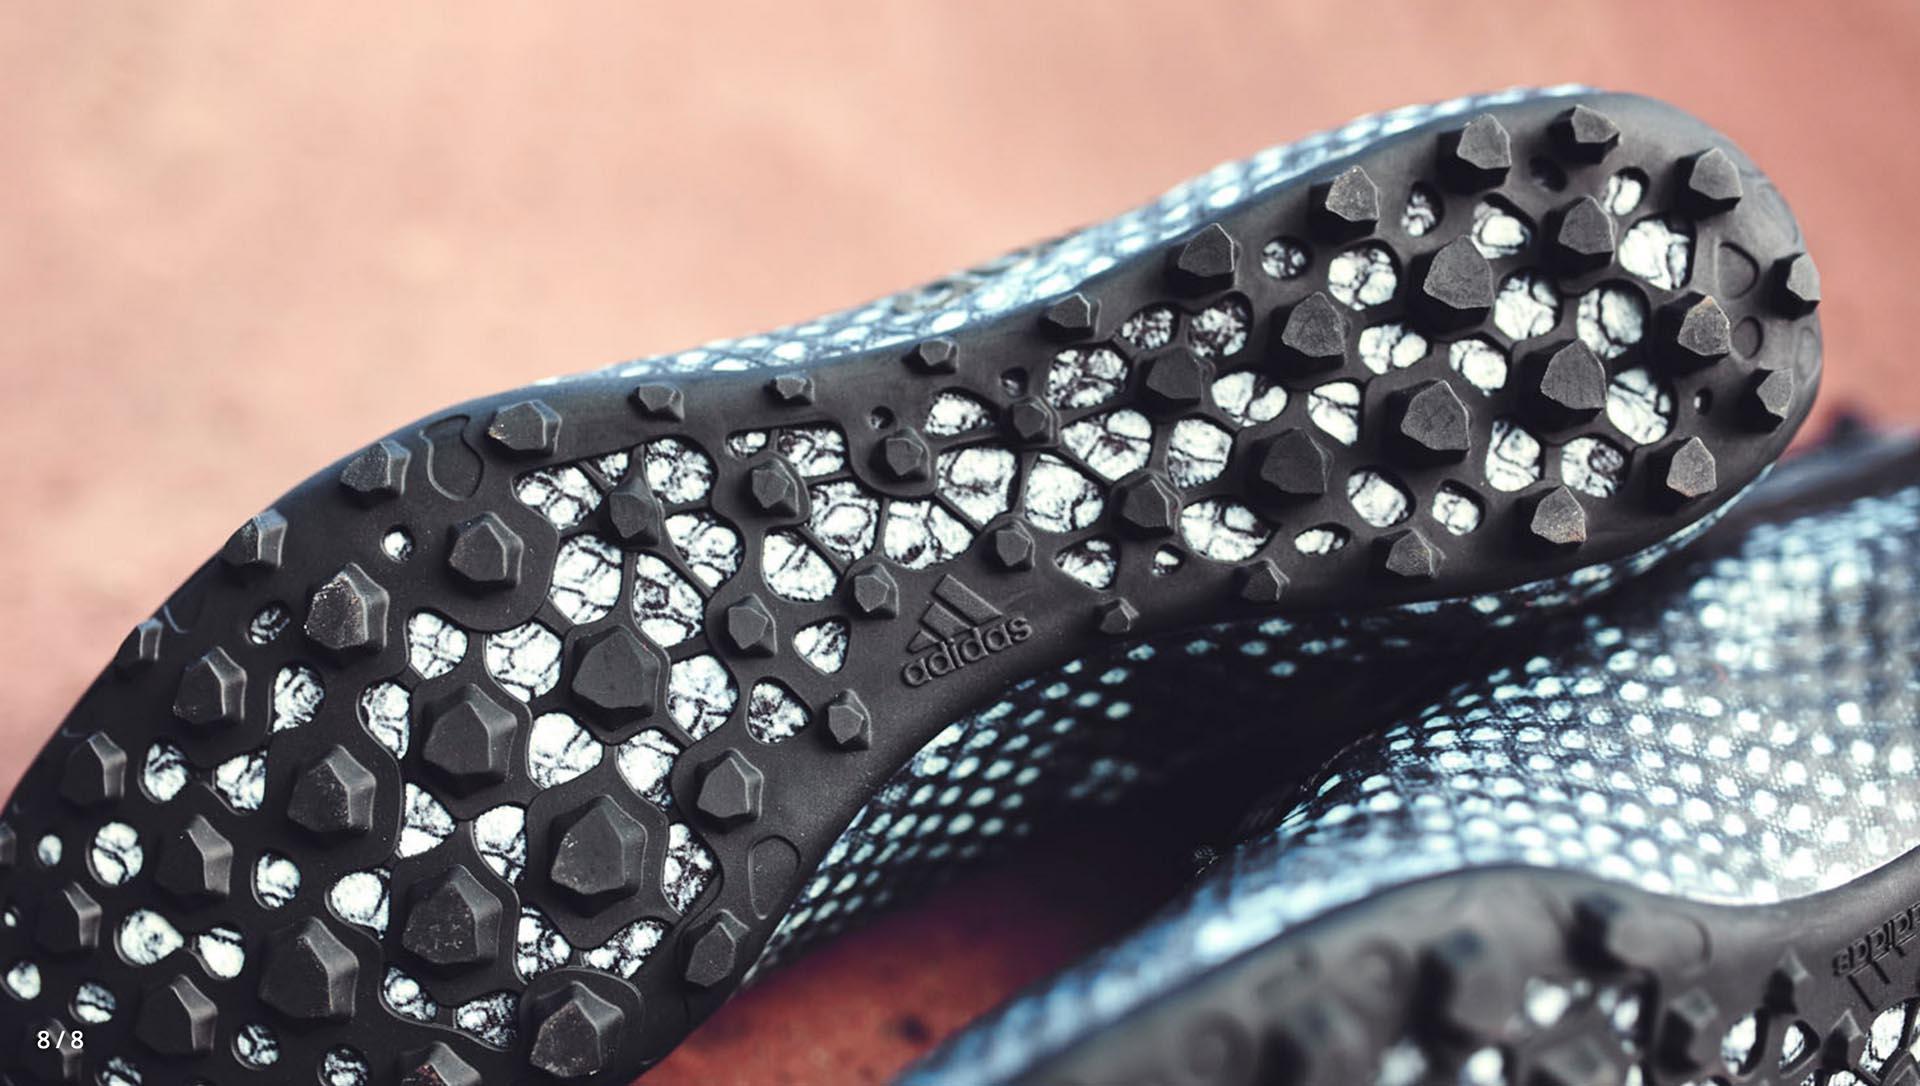 Đế giày sân cỏ nhân tạo đinh TF có phần đế ngoài thường được làm bằng cao su đúc